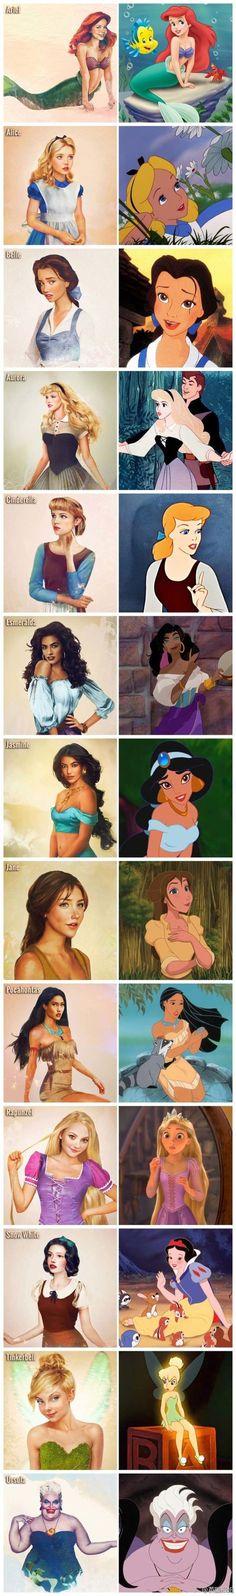 Khi các nhân vật Disney được thể hiện qua nét vẽ siêu thực